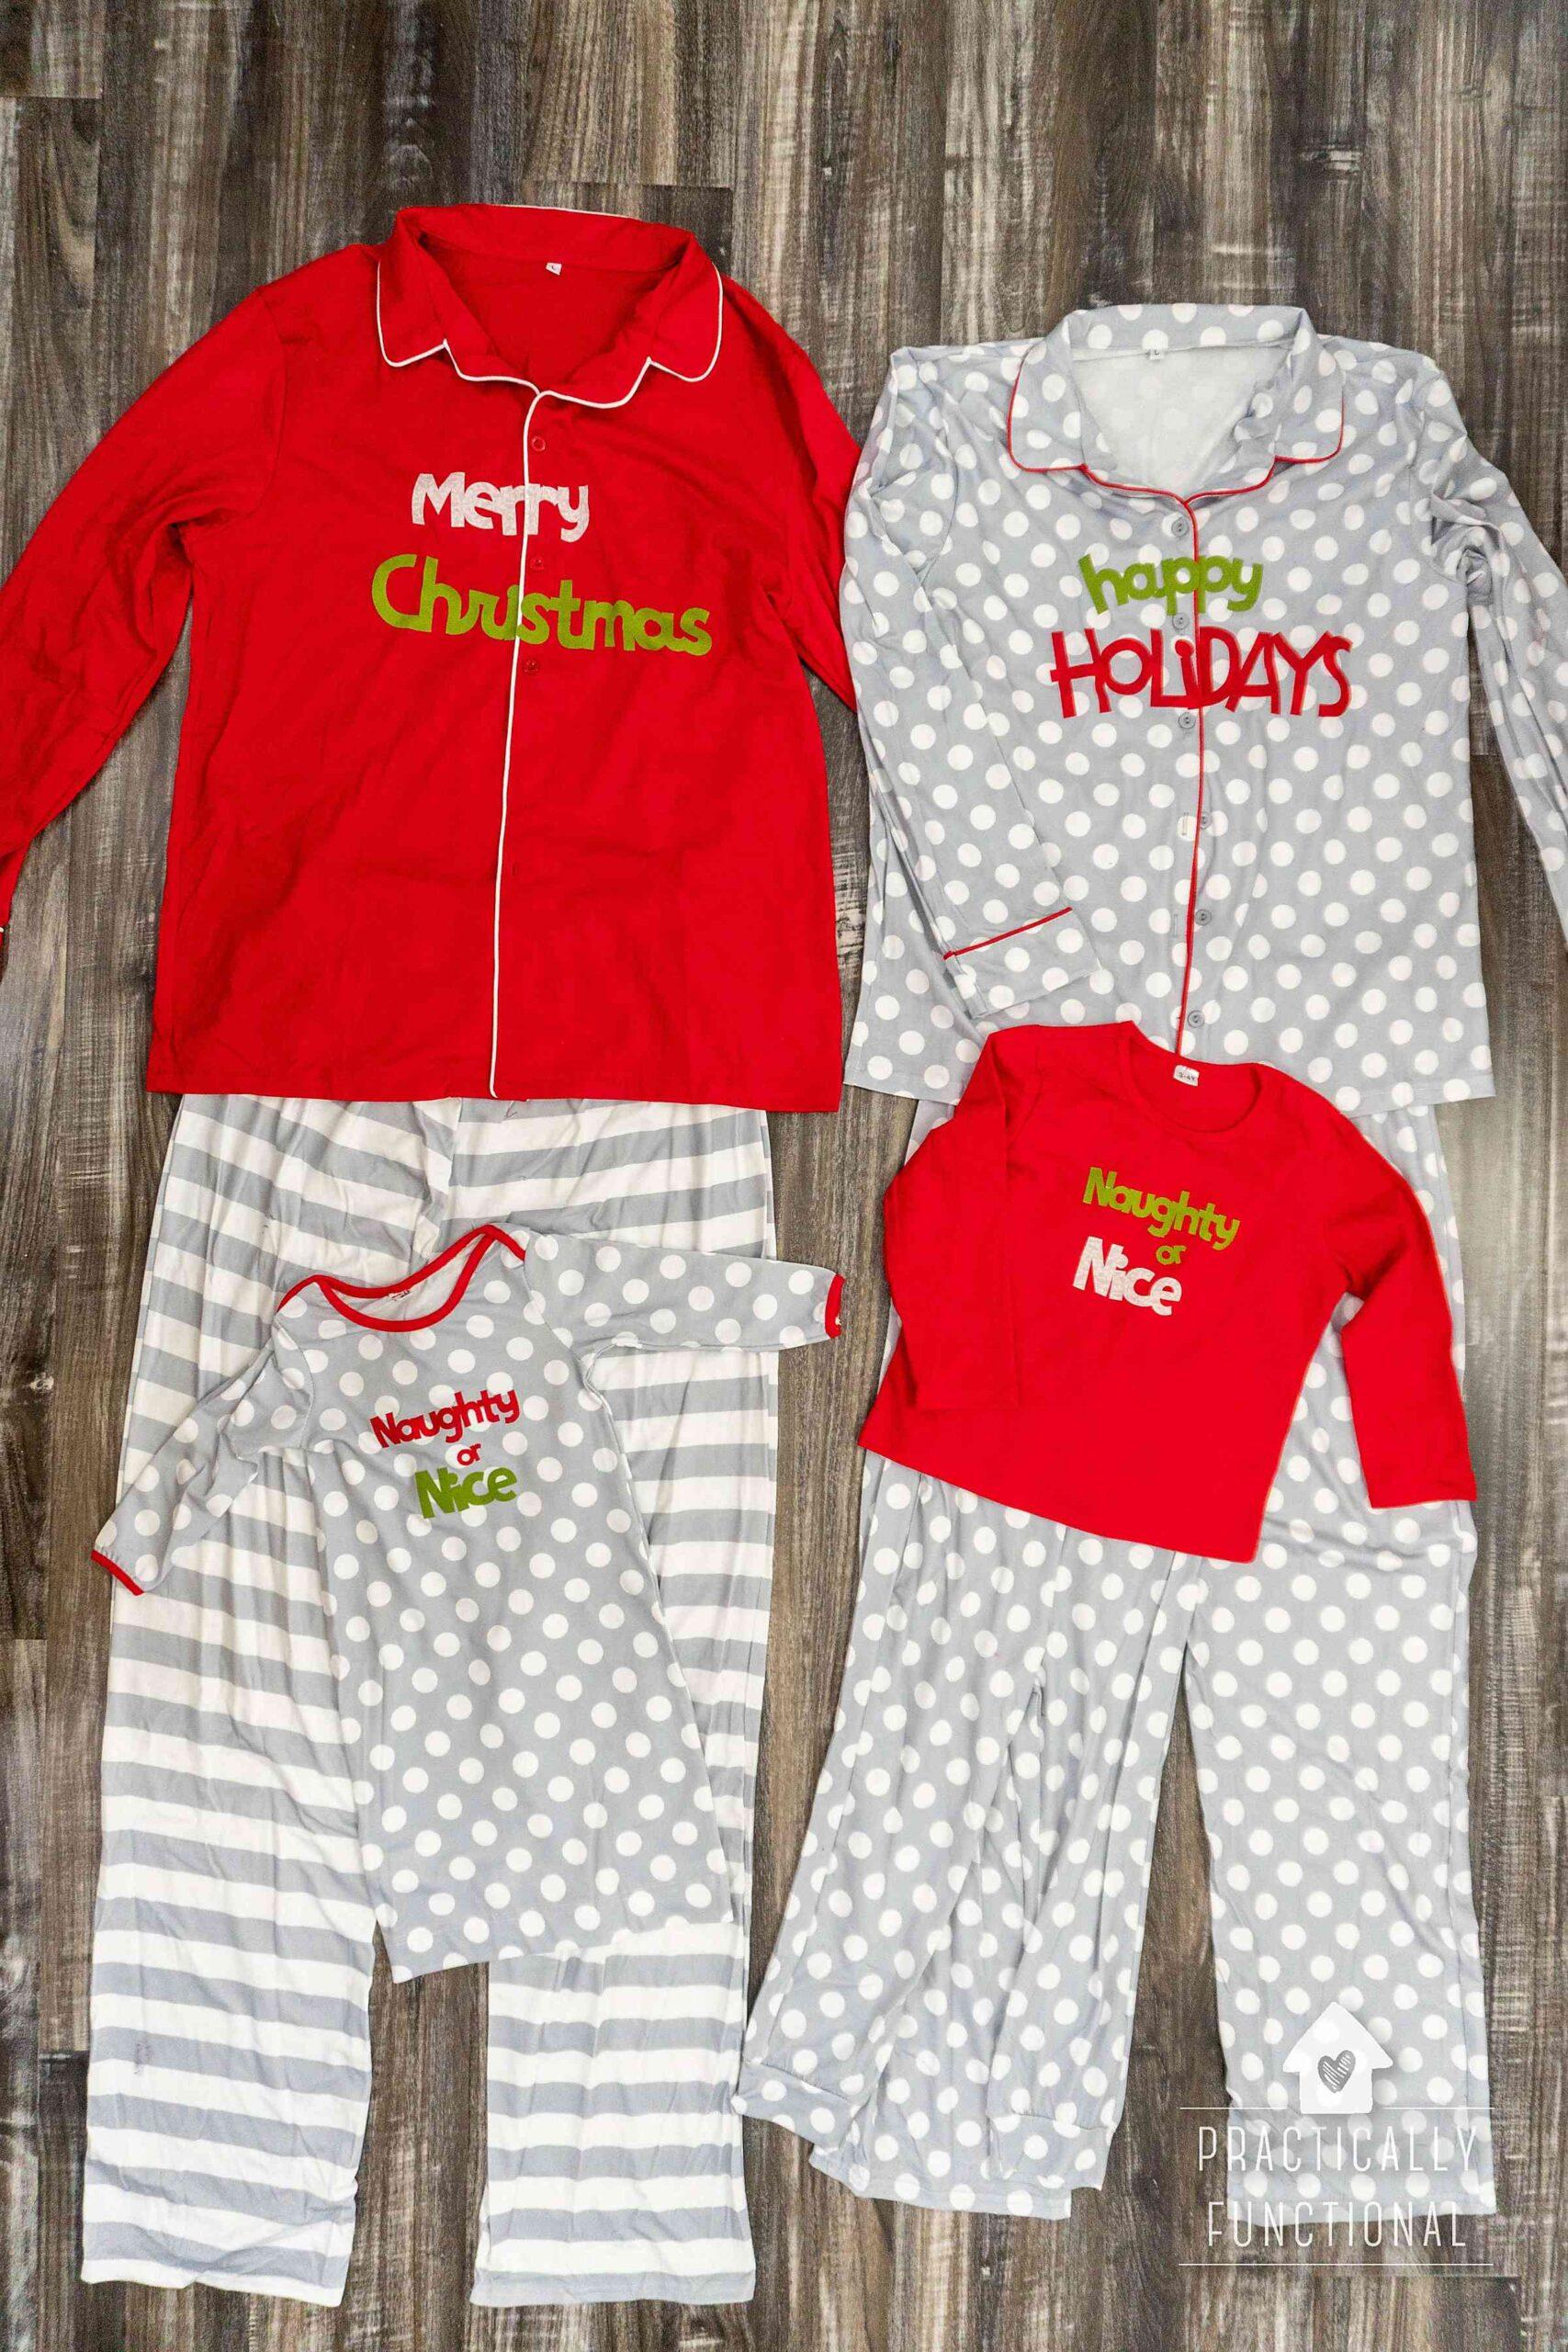 Diy Christmas Pajamas : christmas, pajamas, Matching, Family, Christmas, Pajamas, Practically, Functional